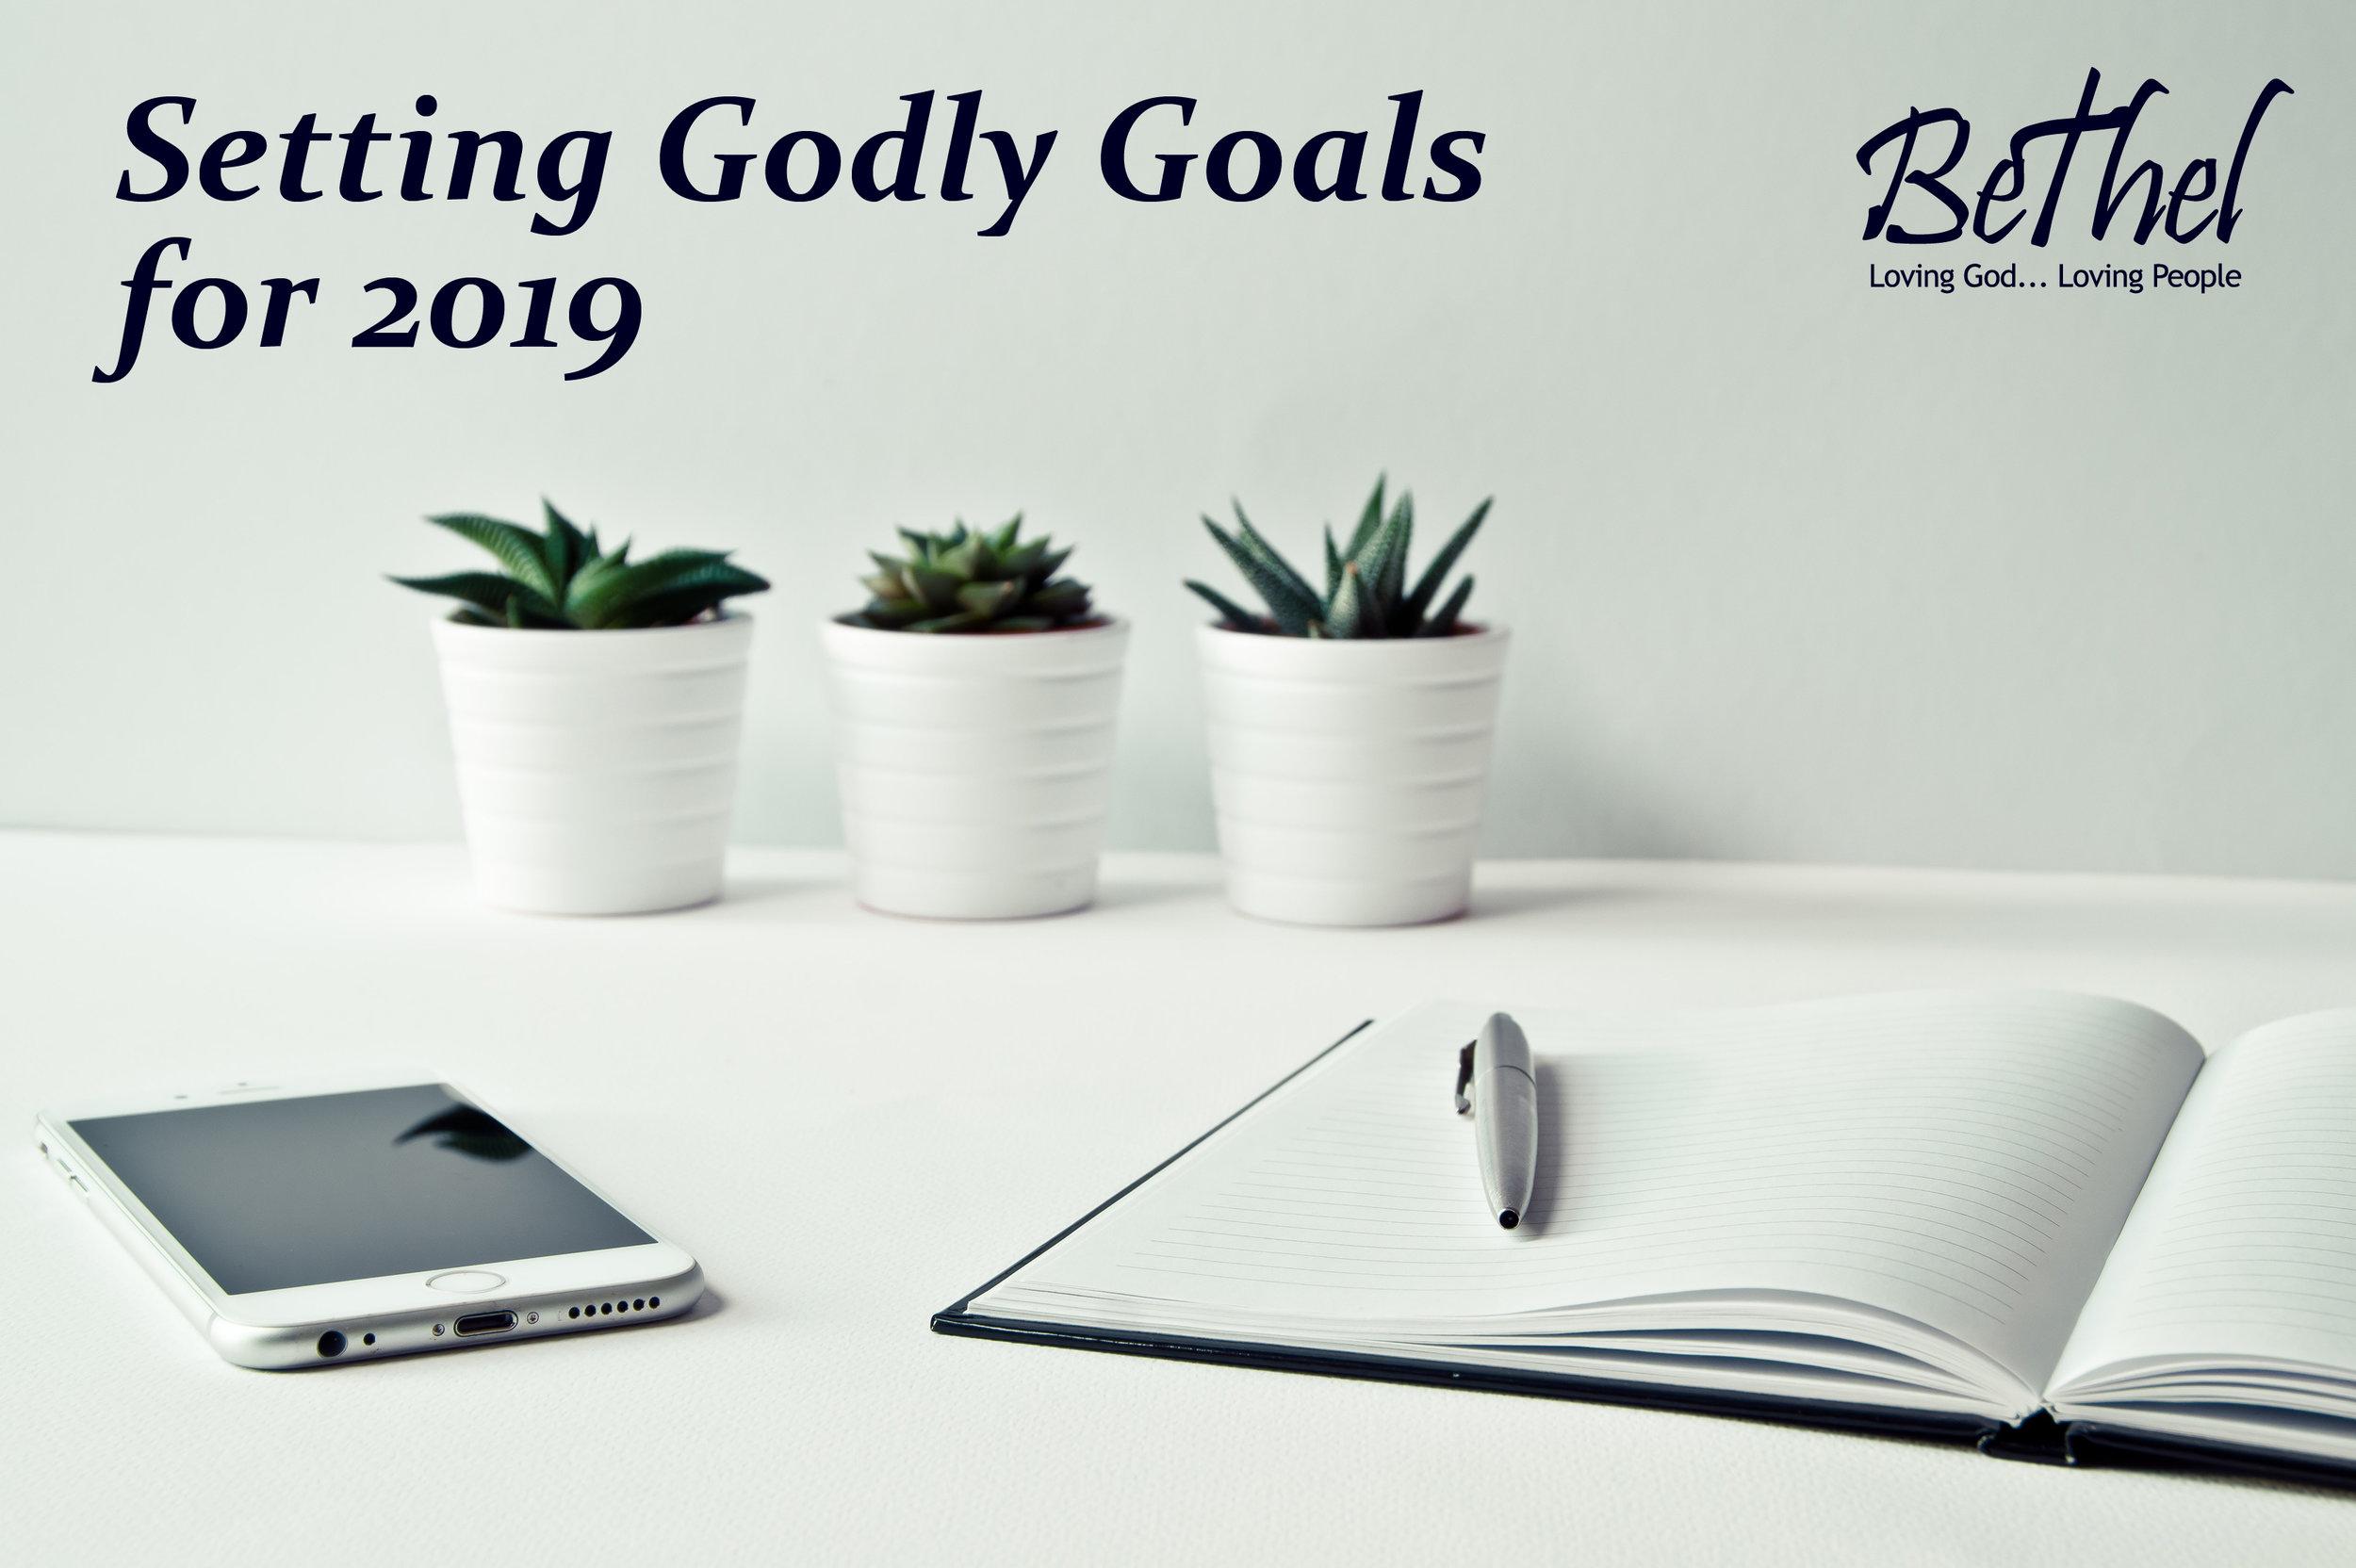 Setting Godly Goals for 2019.jpg